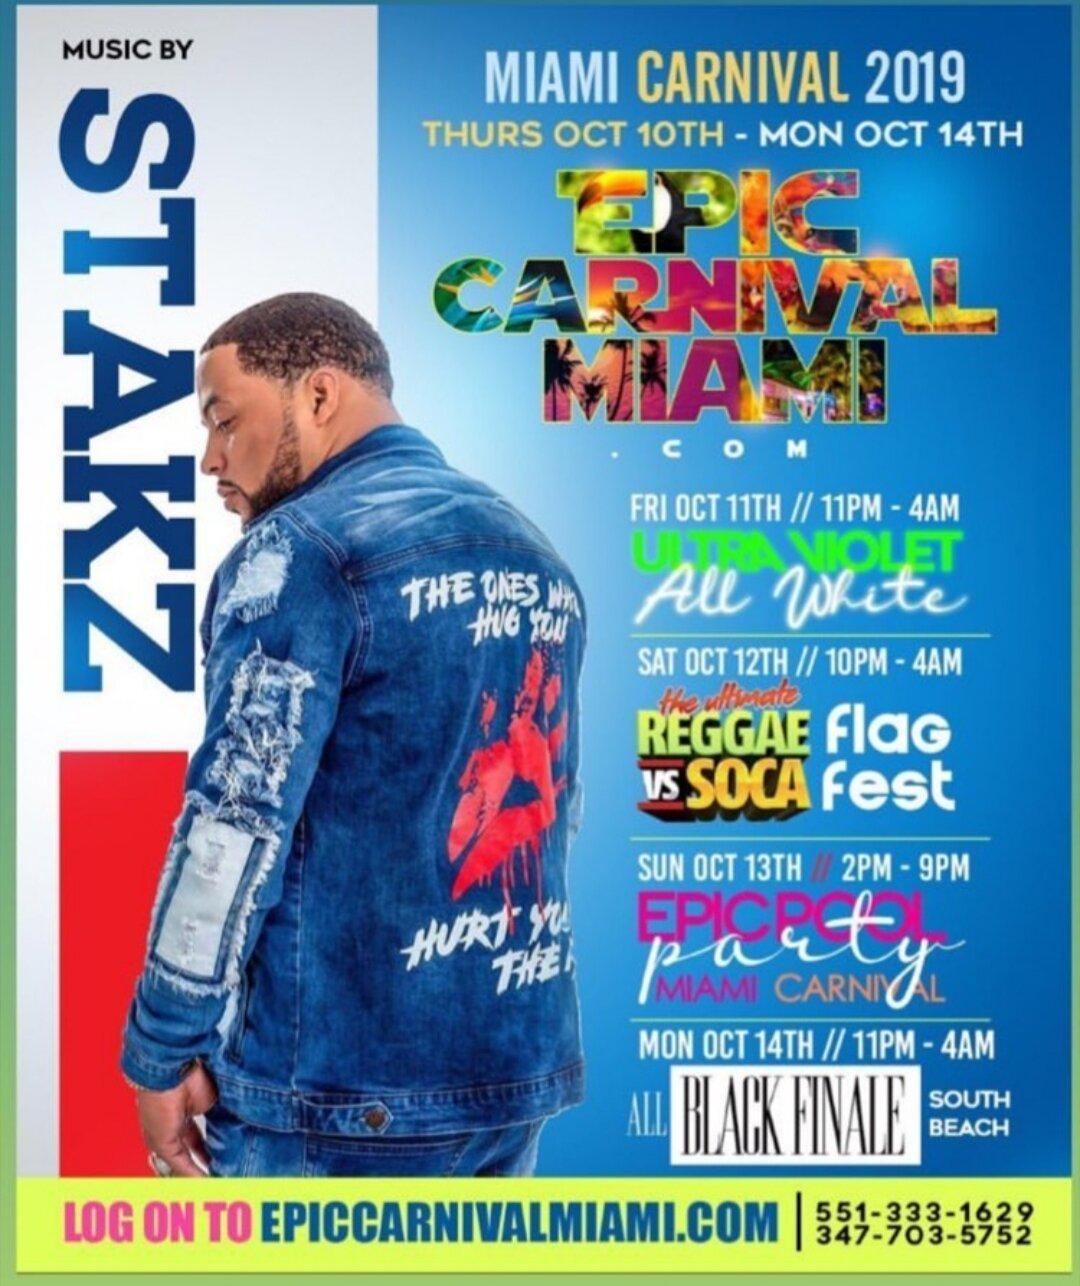 Miami Carnival Weekend 2019.jpg